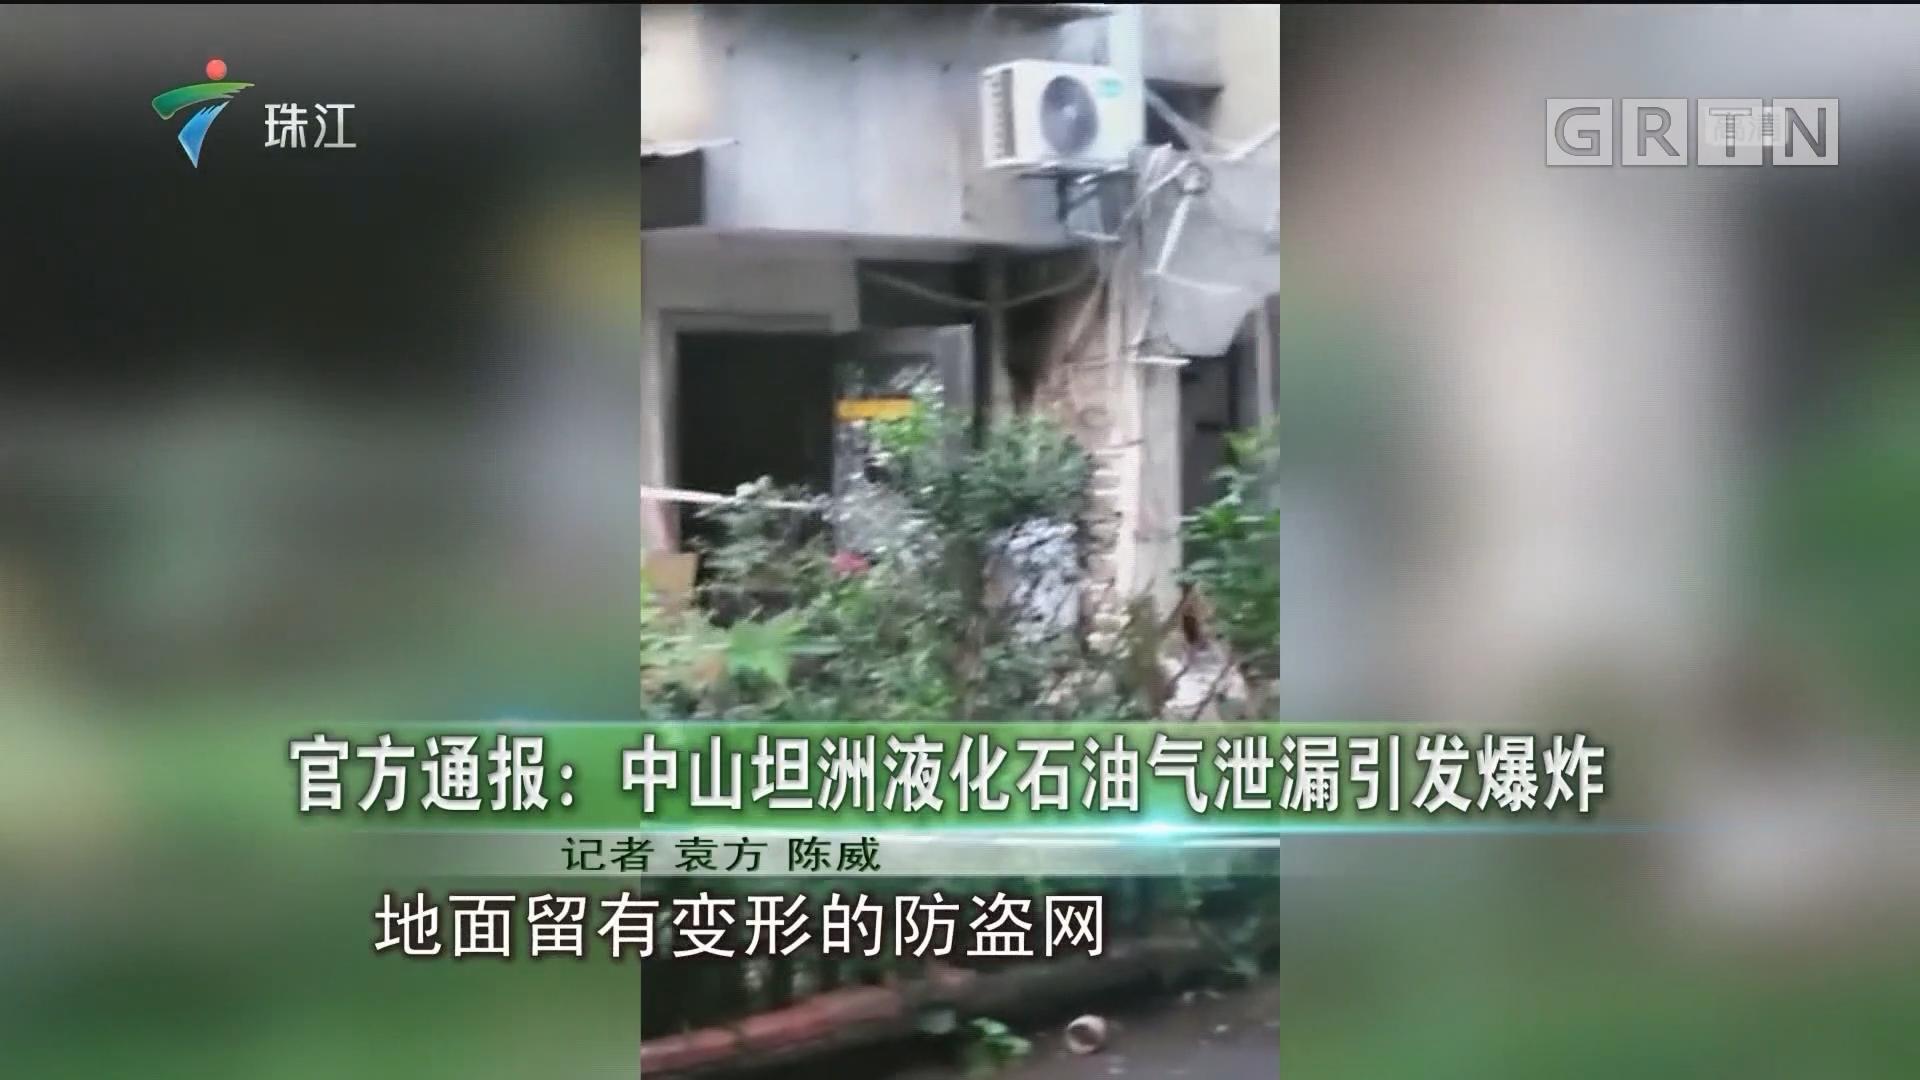 官方通報:中山坦洲液化石油氣泄漏引發爆炸